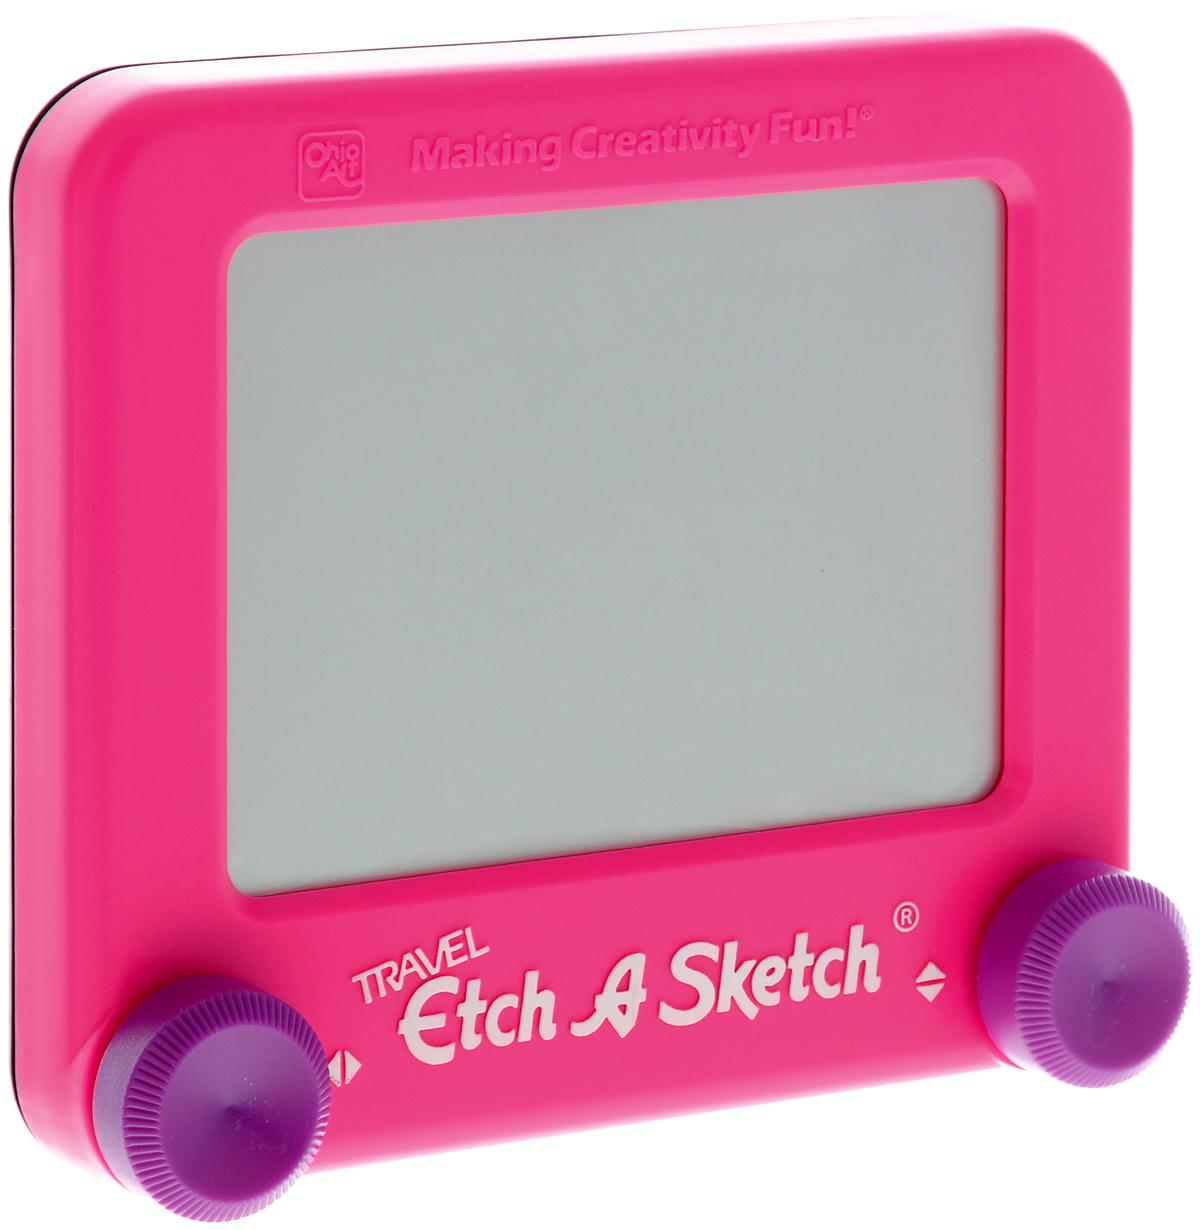 Etch-A-Sketch Волшебный экран, 13 см, цвет: розовый55590Волшебный экран Etch-A-Sketch, непременно понравится вашему ребенку и станет для него любимой игрушкой. Волшебный экран поможет вашему ребенку создавать рисунки одной линией, посредством вращения двух круглых ручек, расположенных в нижних углах (одна из них перемещает указатель по вертикали, а другая по горизонтали). Самым сложным считается рисовать круглые объекты, волнистые линии и плавные изгибы. Внутри экрана находится специальный порошок, который счищает тонкий указатель с внутренней поверхности экрана, оставляя за собой темную линию. Для того чтобы стереть свой рисунок, достаточно просто перевернуть экран вниз и потрясти, и он снова станет серым, при этом указатель начнет чертить ровно из той точки, где закончился предыдущий рисунок. Компактный размер экрана позволяет брать его с собой в дорогу. Диагональ экрана: 13 см.